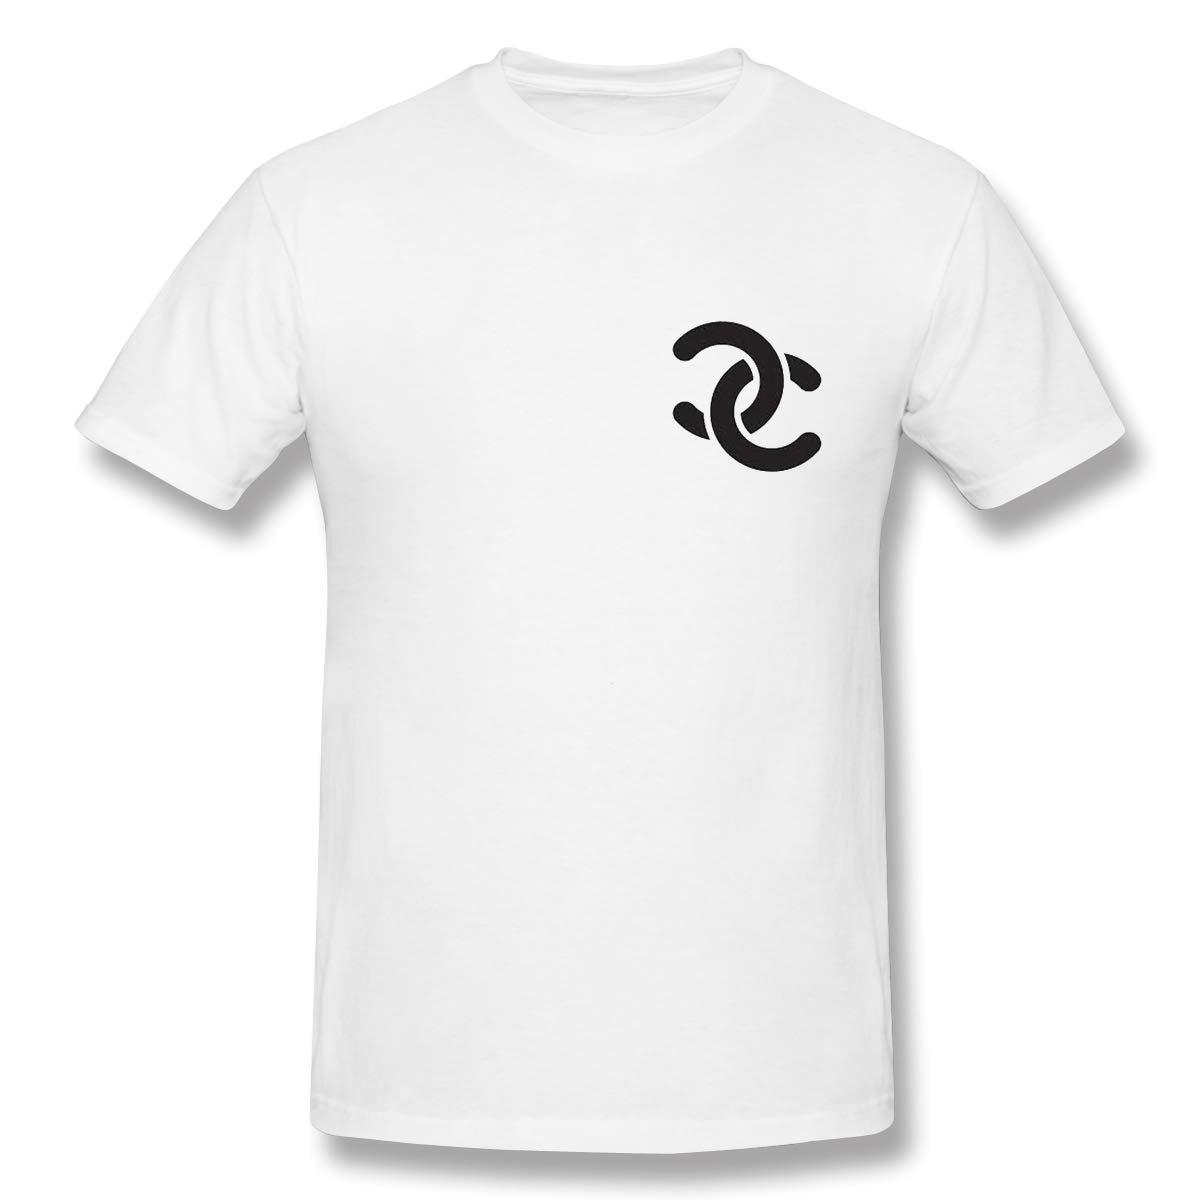 JoyRacka Ceeday Mens Fashion T-Shirt